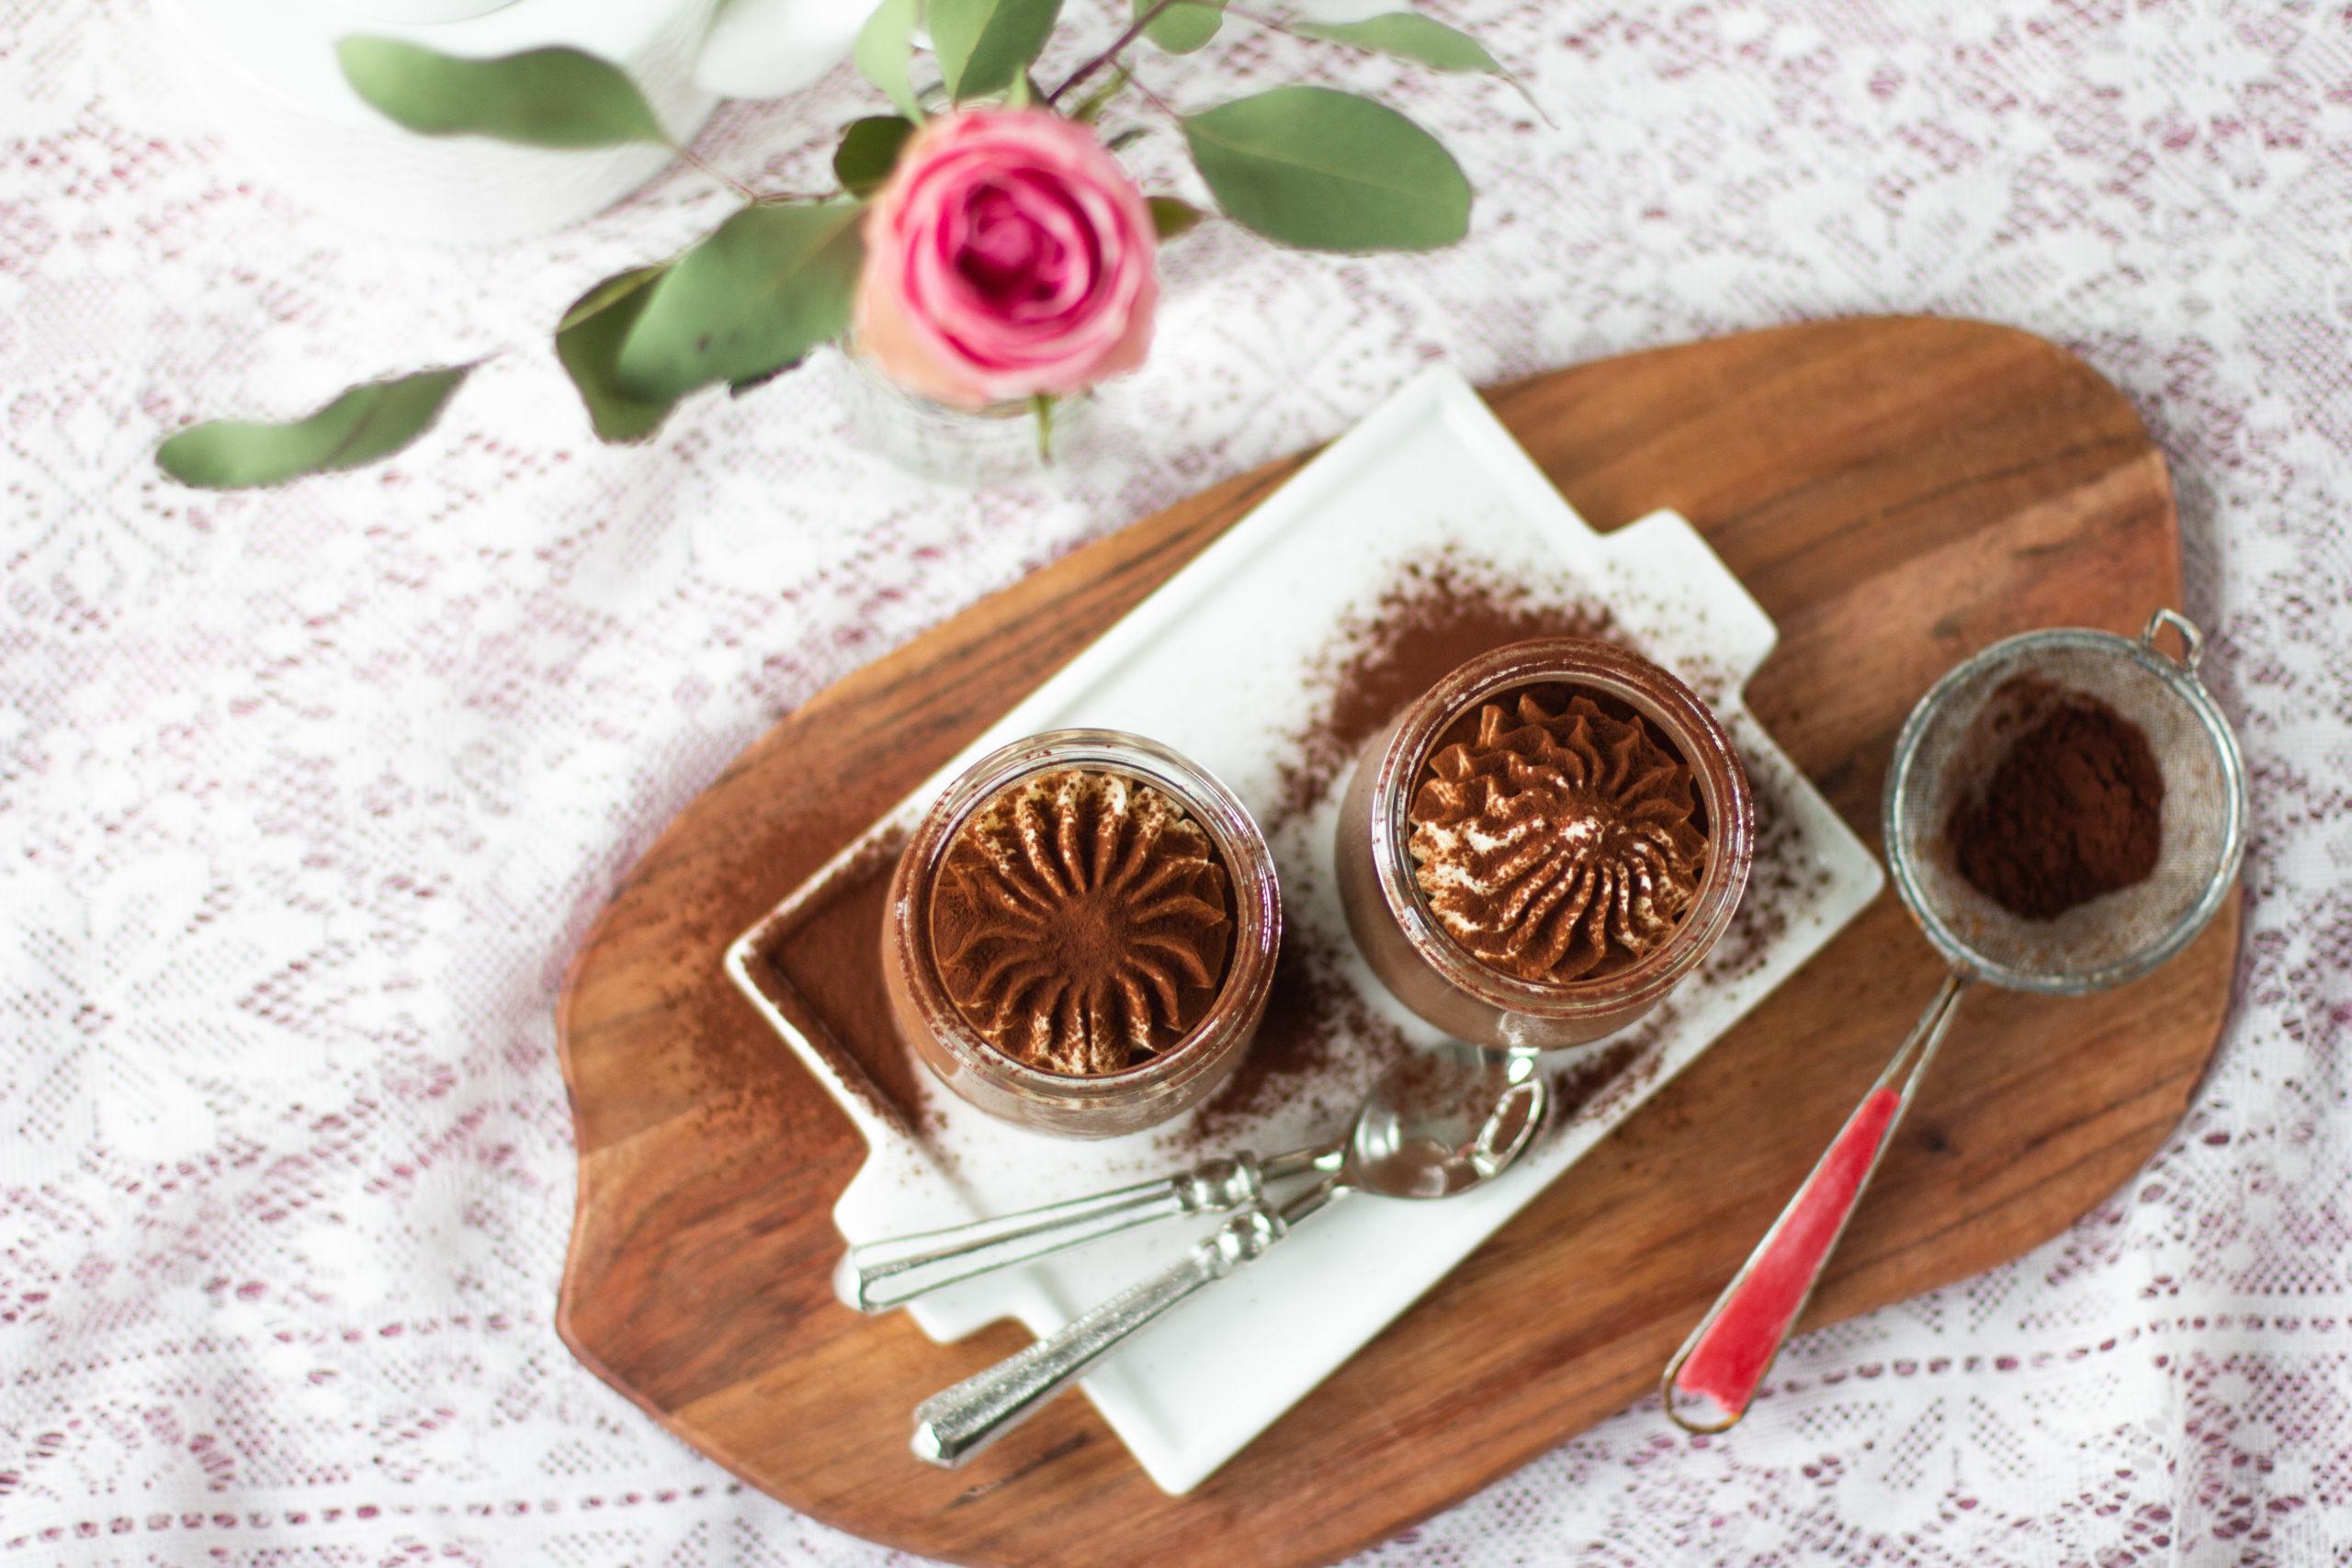 Suklaa panna cotta jälkiruoka ylhäältä kuvattuina.